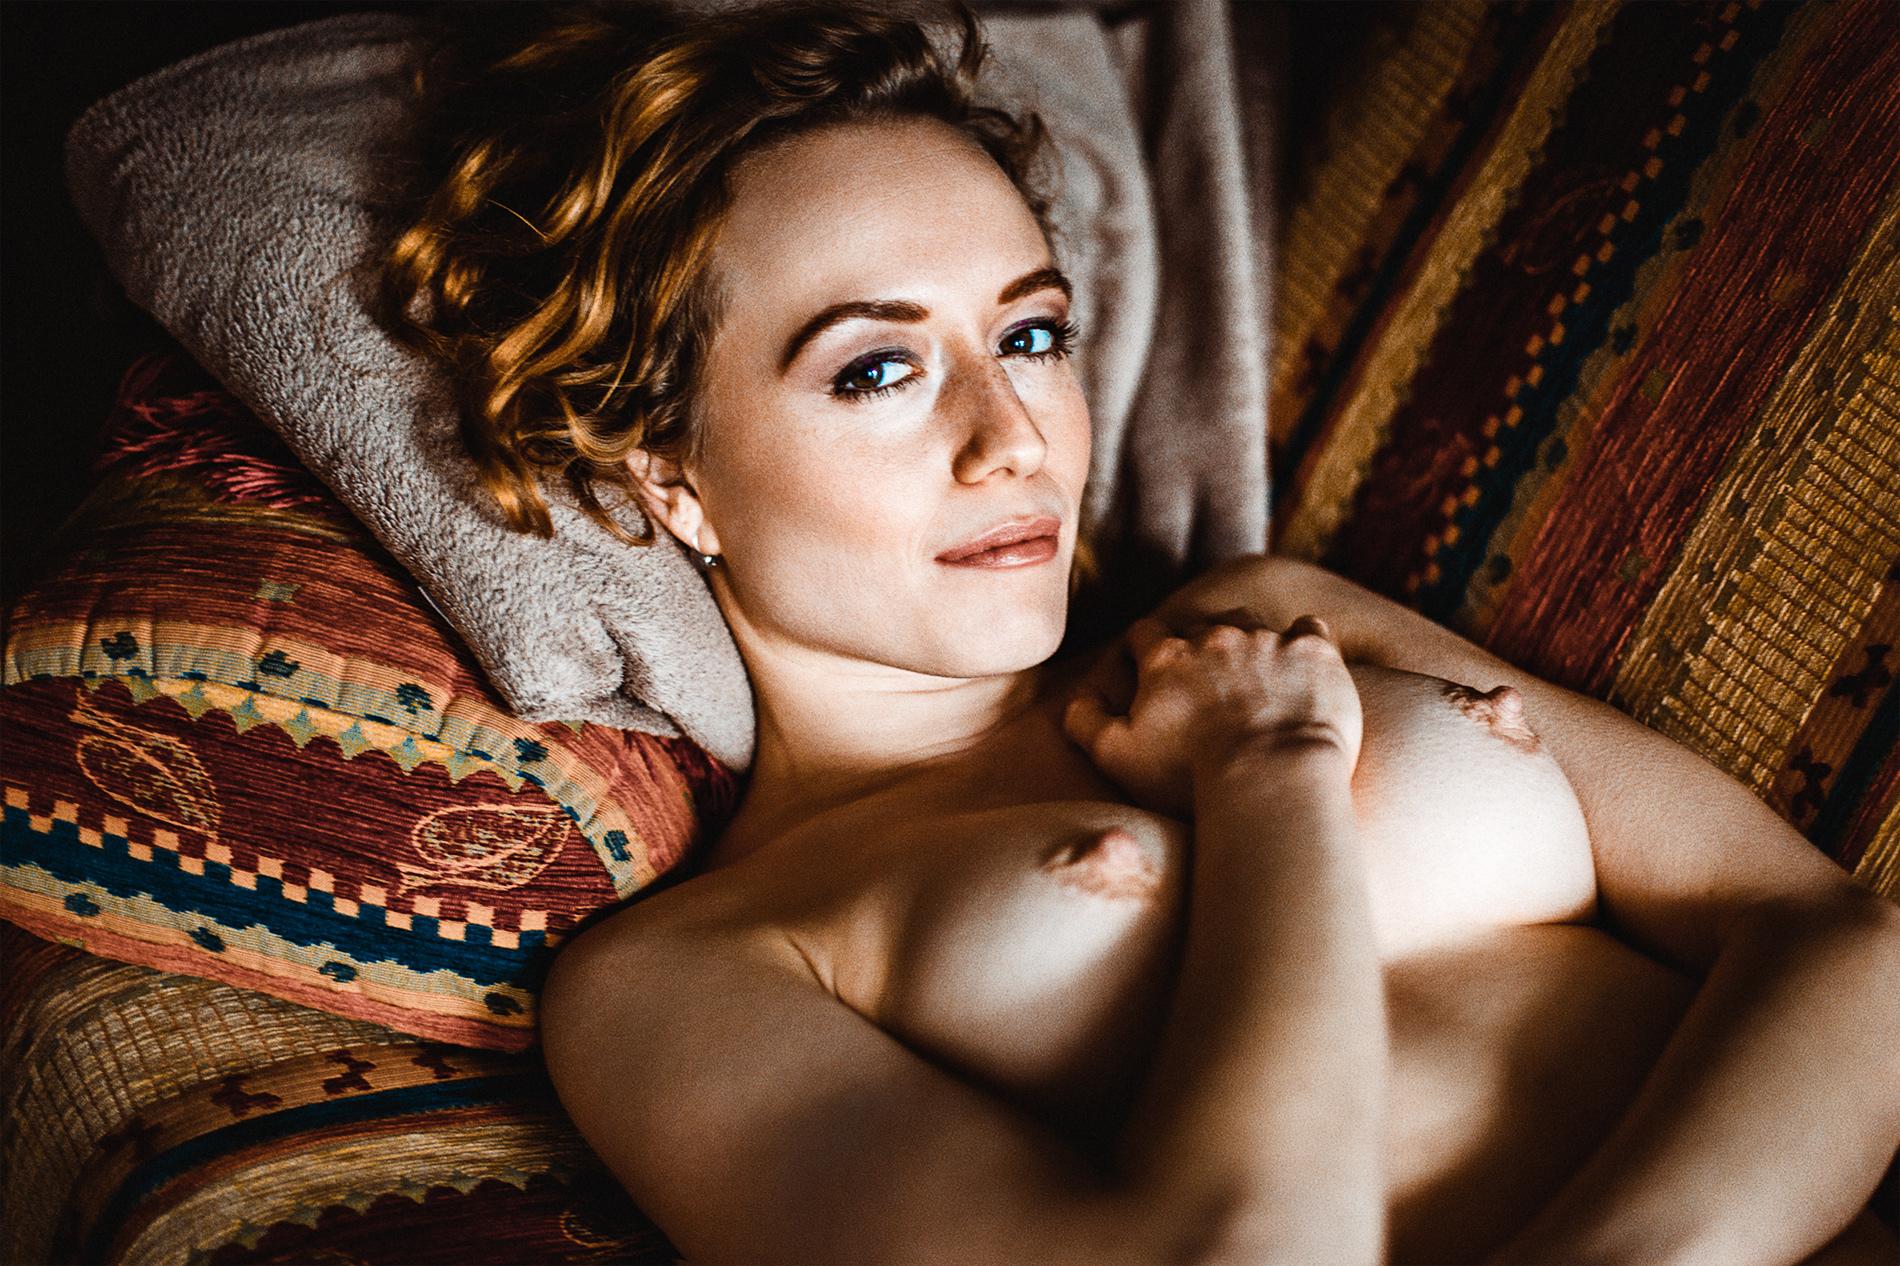 erotik beauties ehefrau wird fremdbesamt